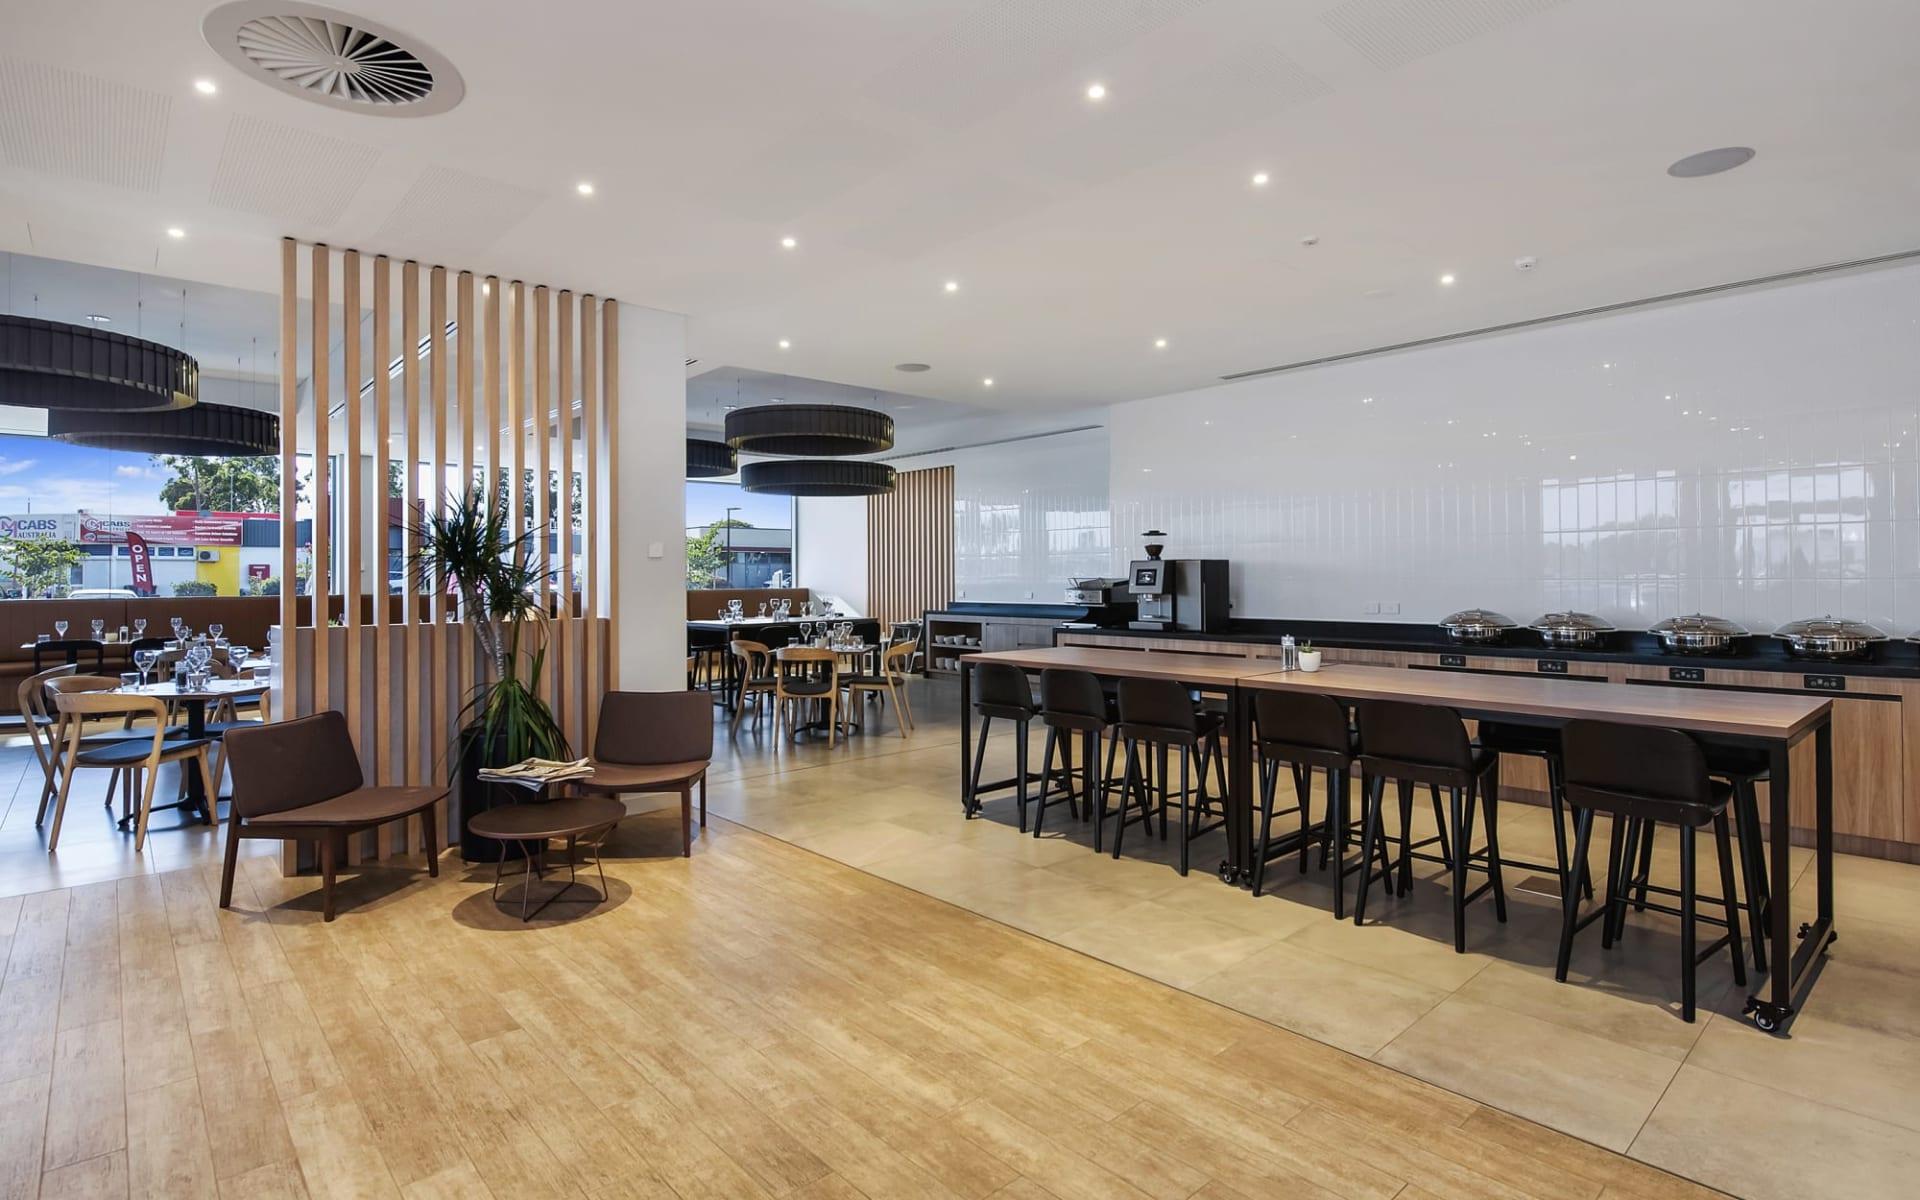 Ingot Hotel Perth in Perth - Belmont:  003_Open2view_ID567930-285_Great_Eastern_Hwy_Belmont_WA.